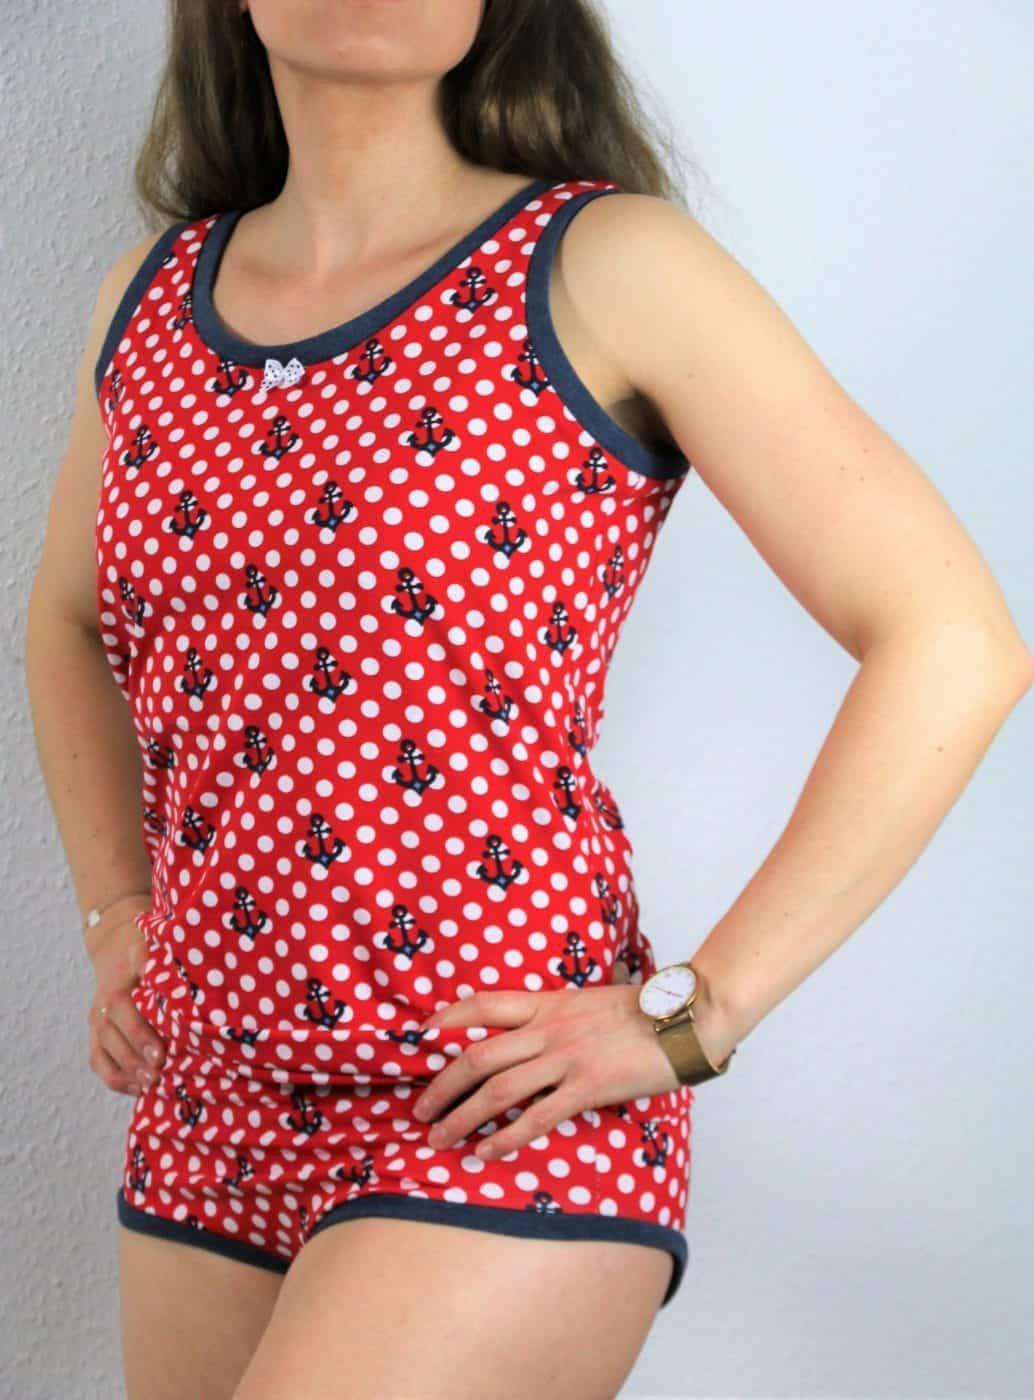 Schnittmuster: Damen-Unterhemd